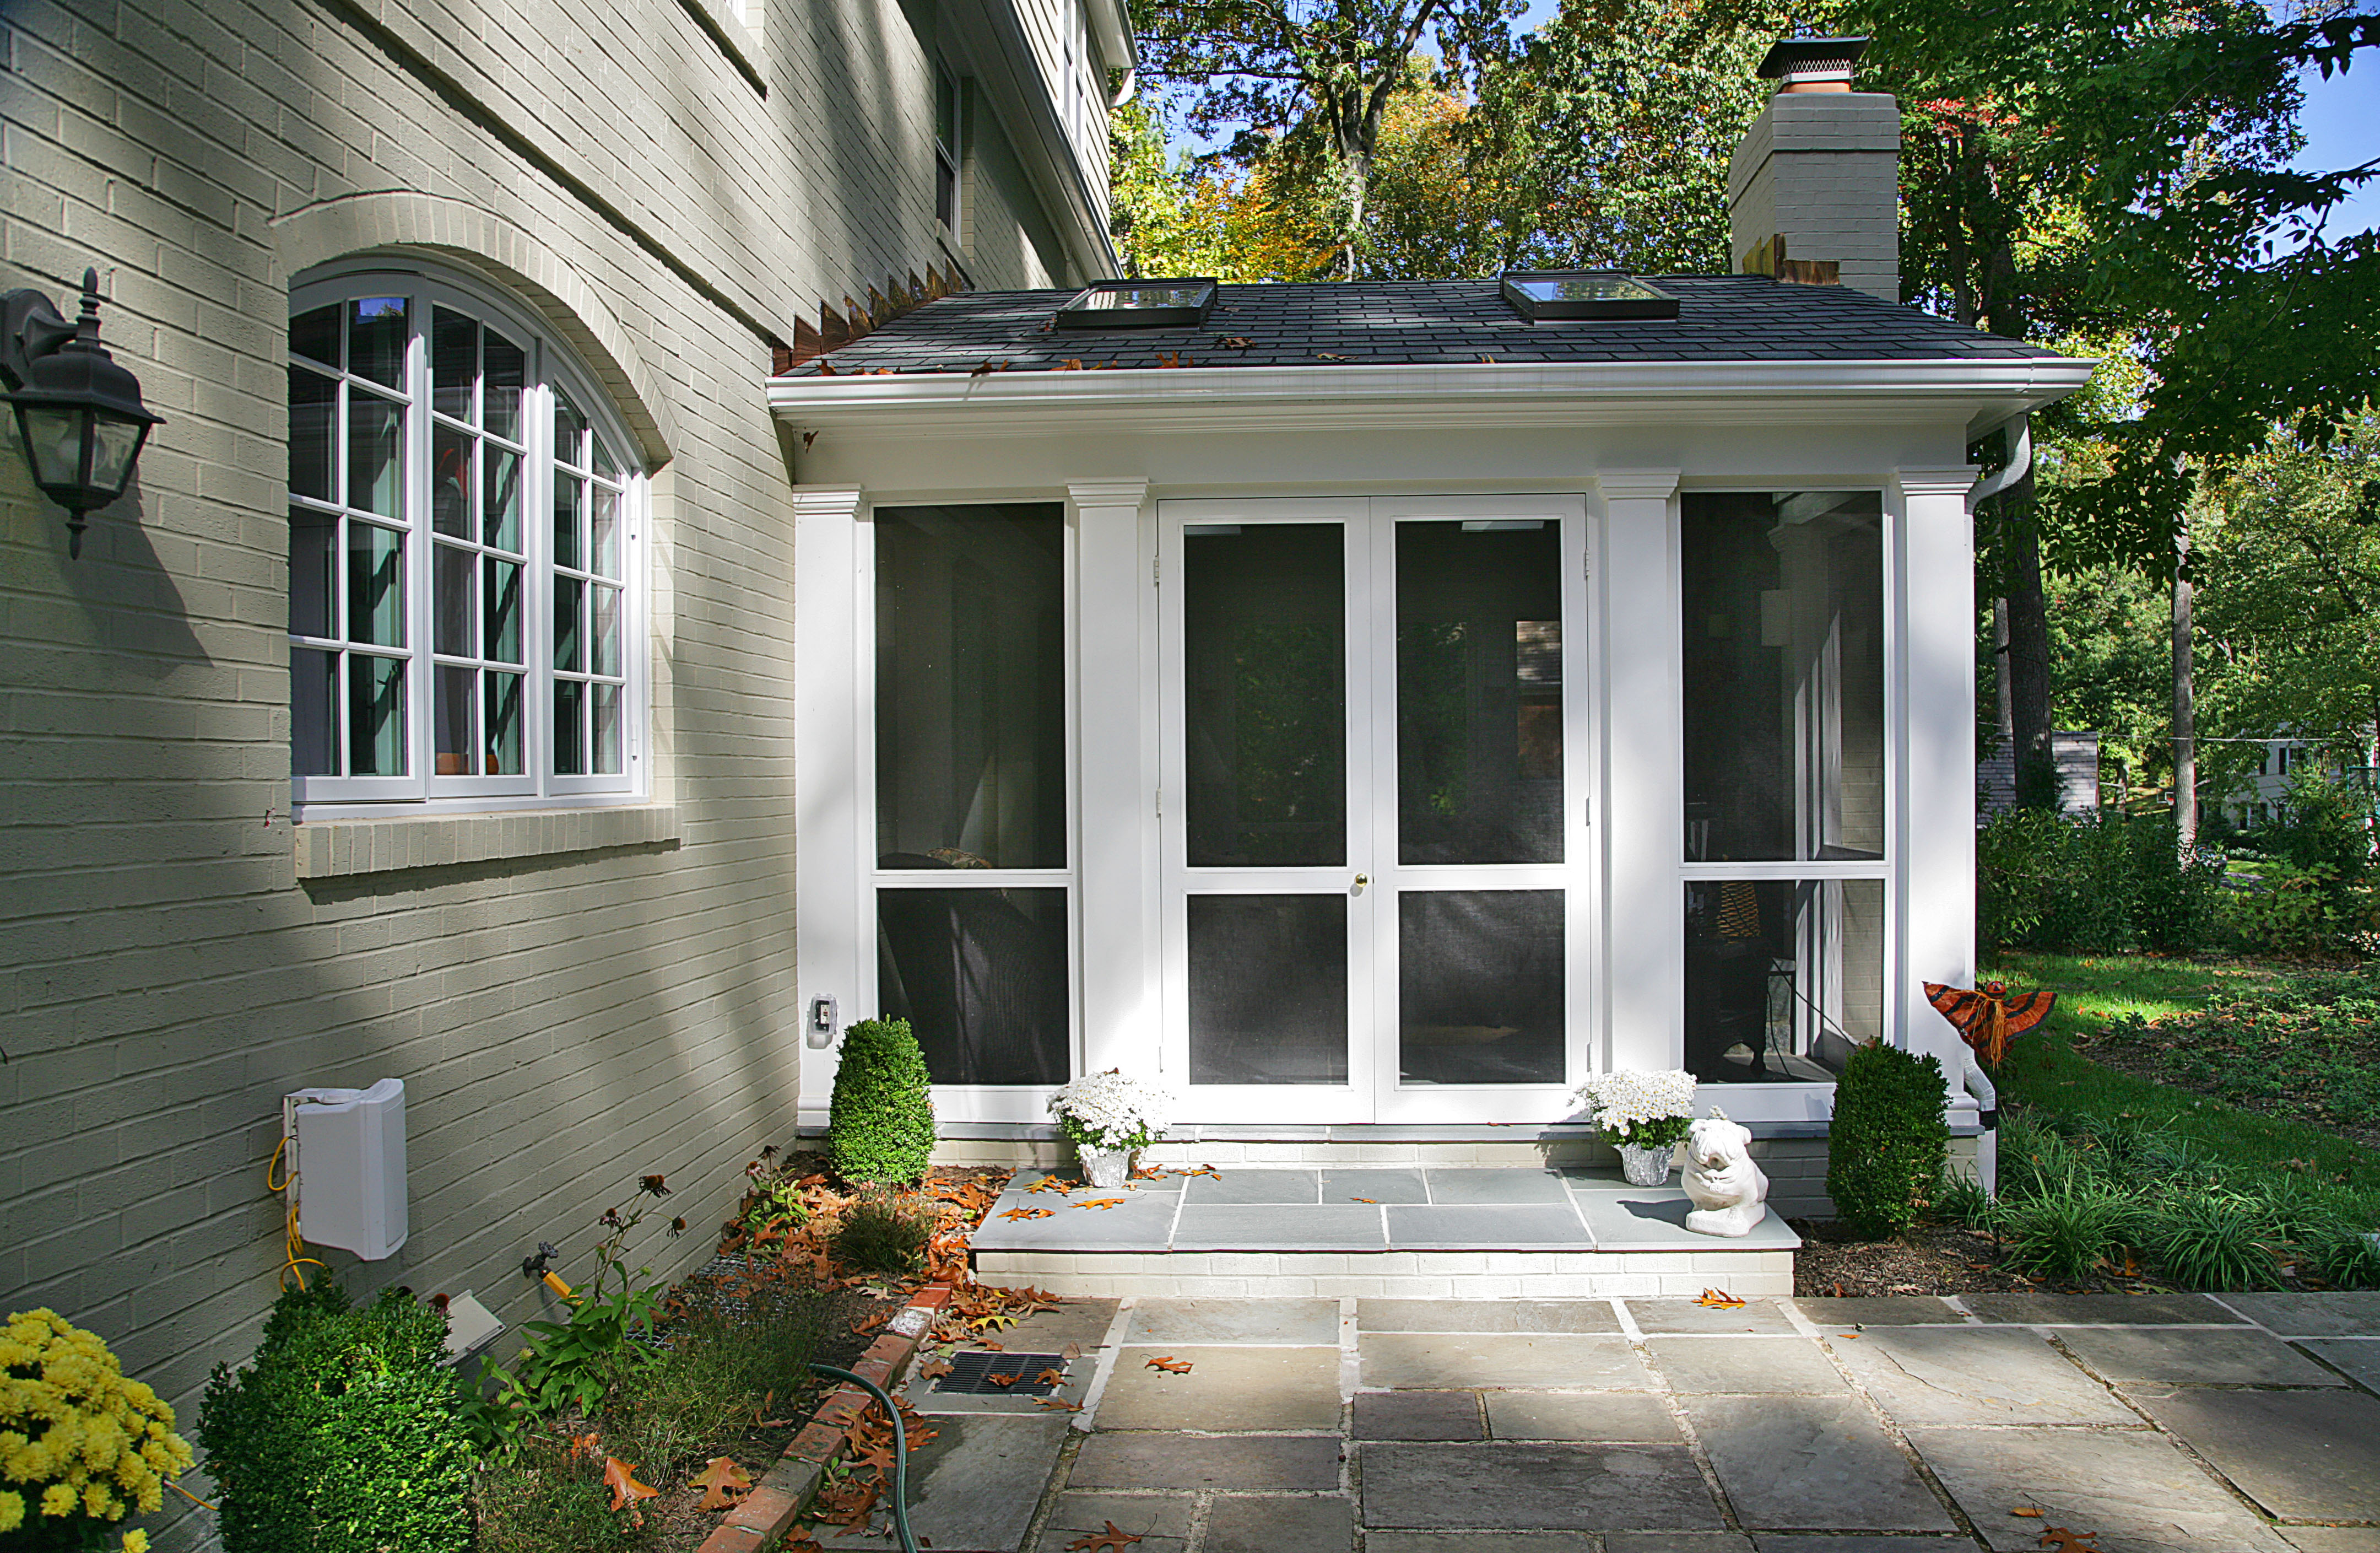 Exterior View of Doors